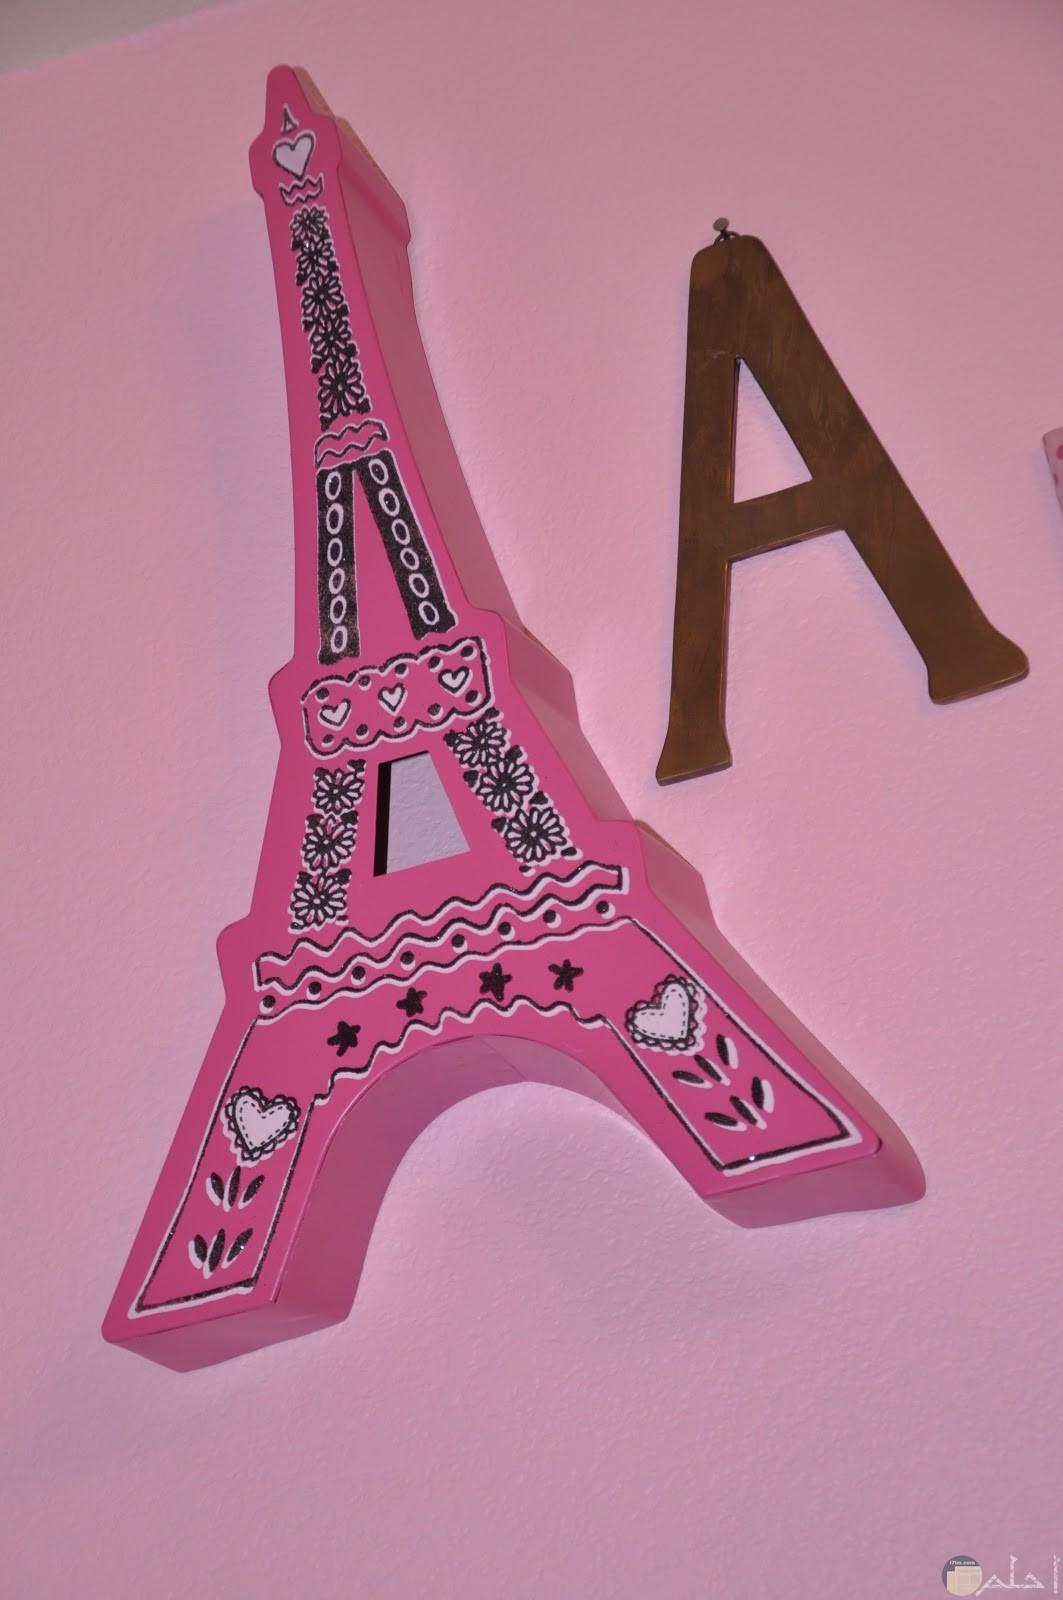 حرف a و مسلة باريس المشهورة.